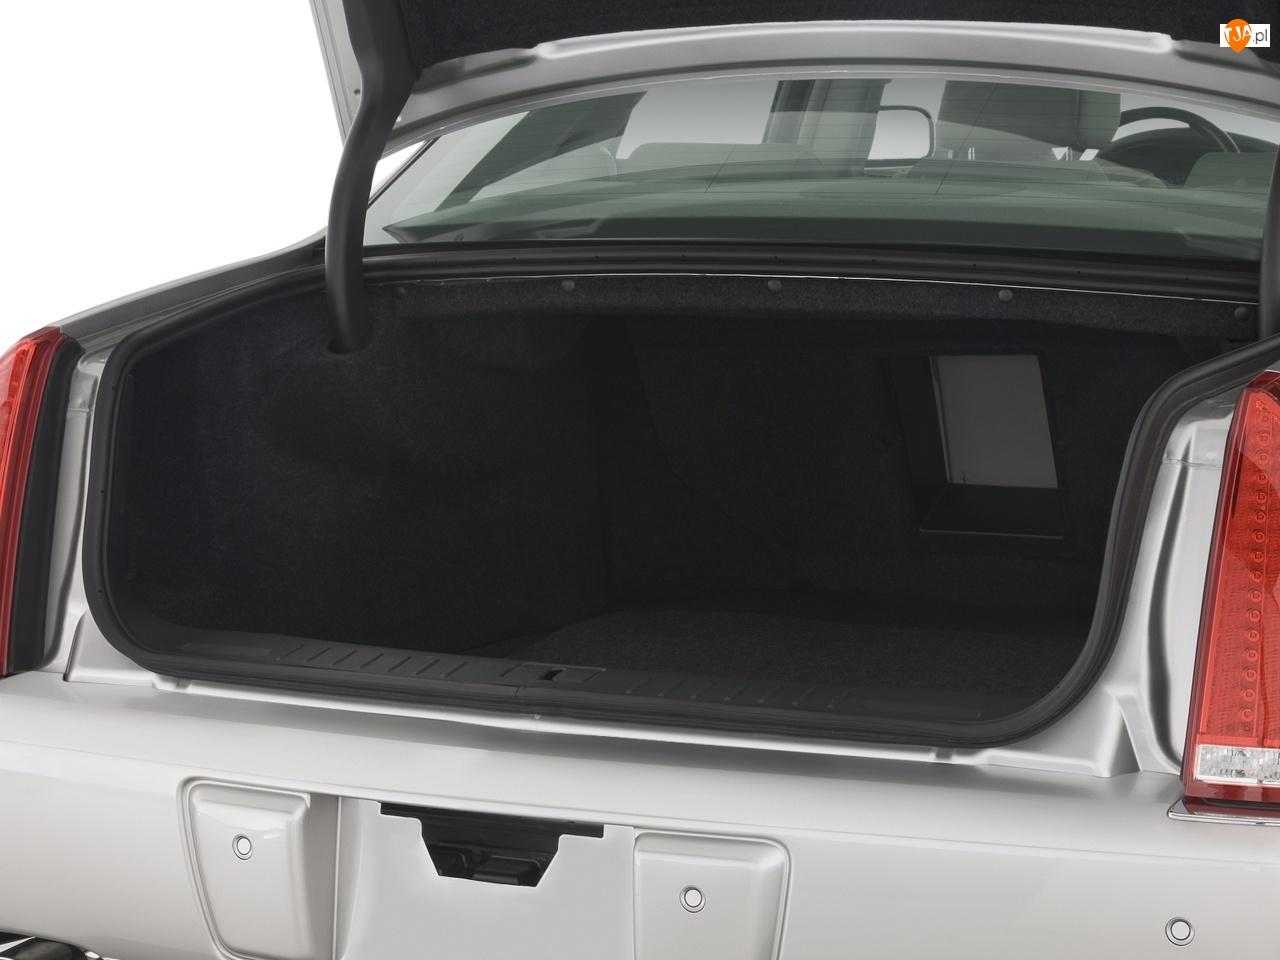 Parkowania, Cadillac DTS, Czujniki